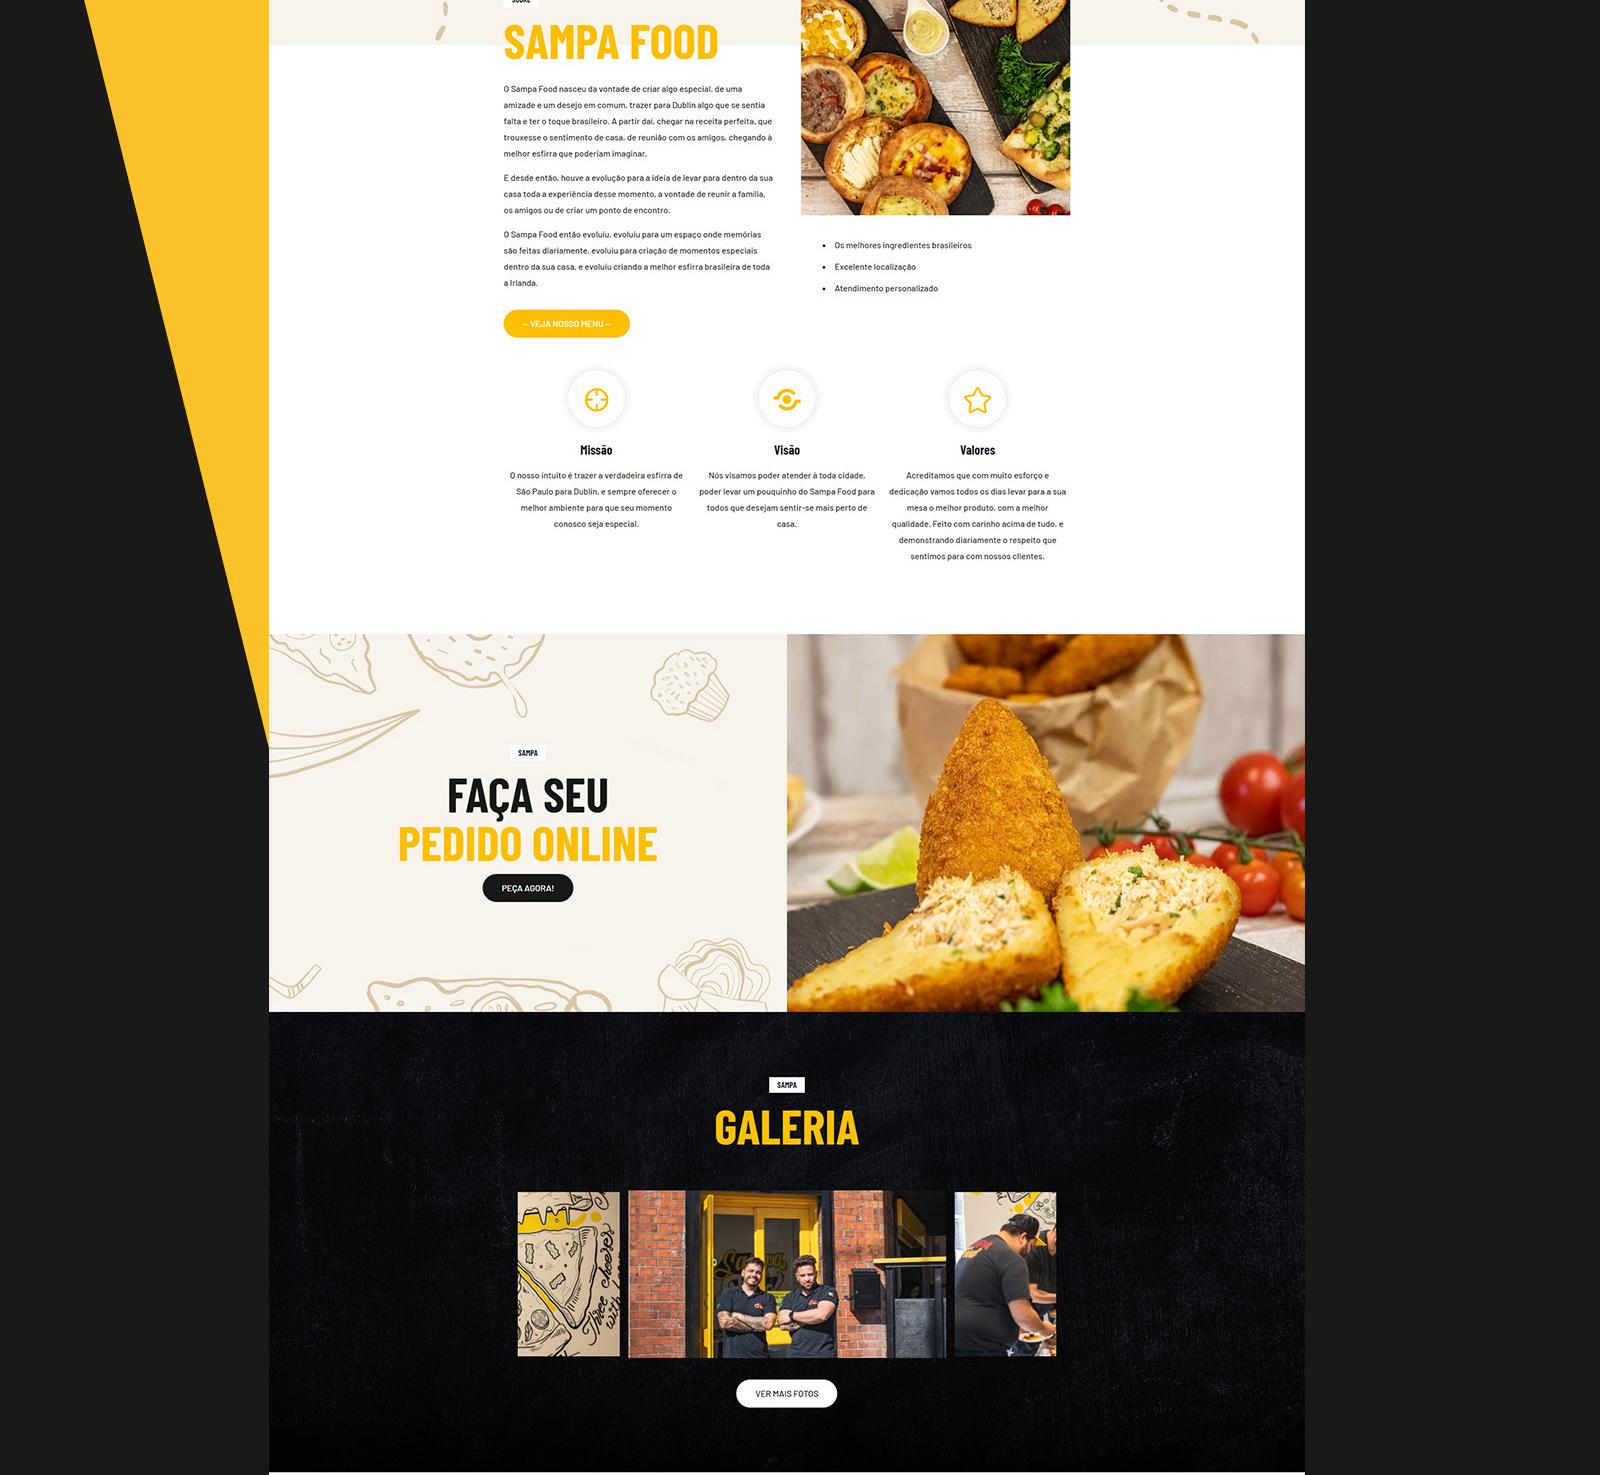 Sampa-Food_02